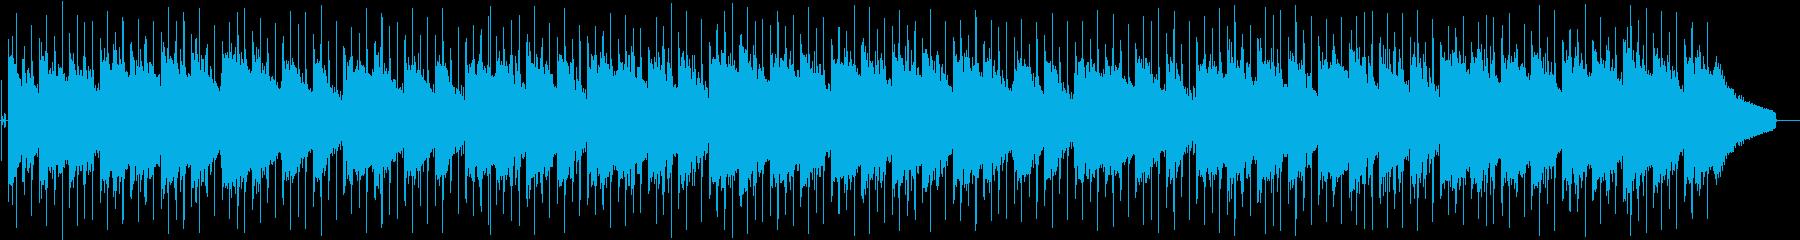 リラックス、チルアウトの再生済みの波形